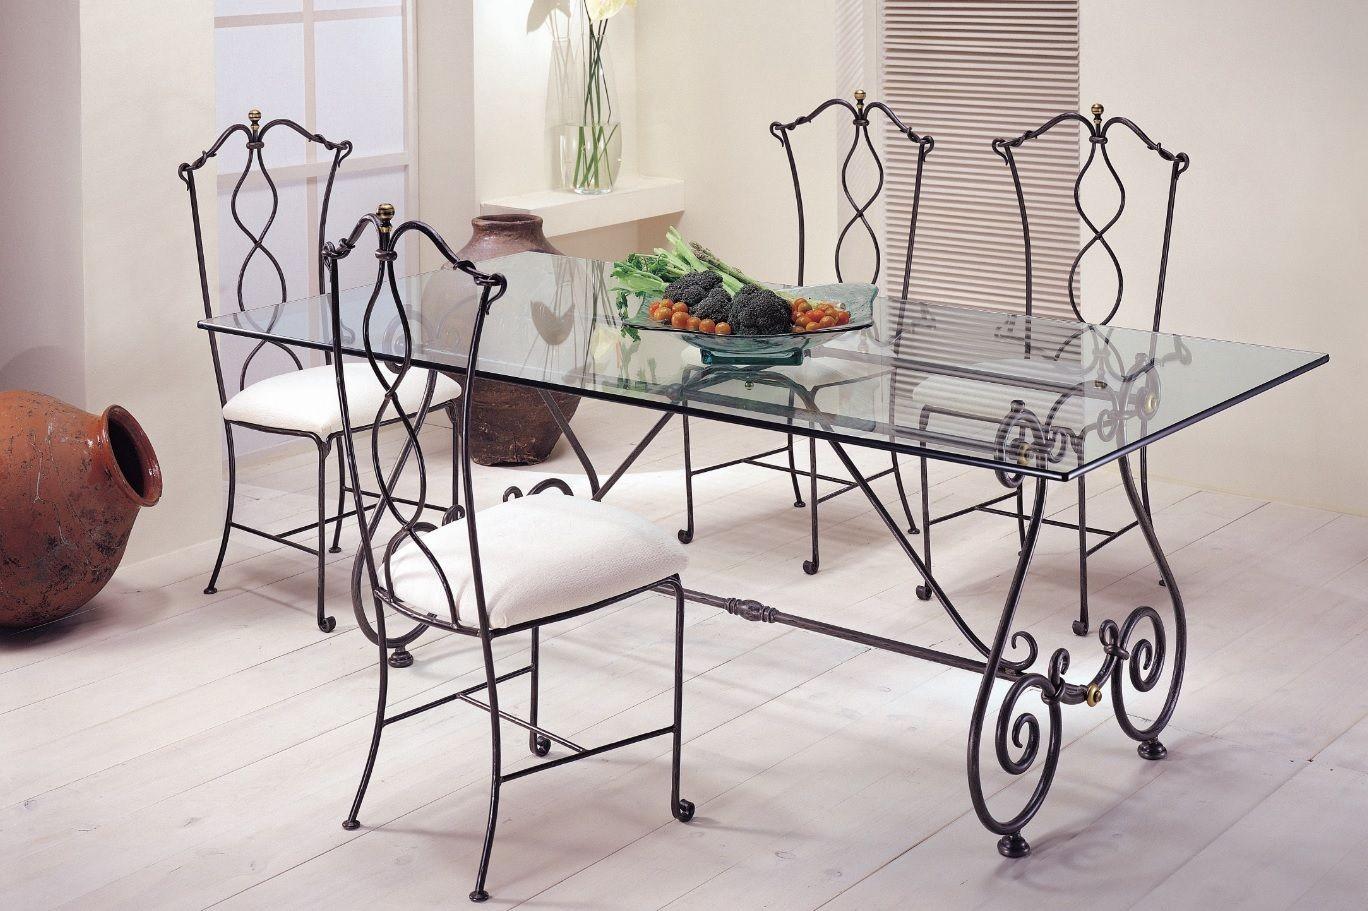 Muebles de comedor de hierro forjado 20170719180052 for Sillas de forja para comedor